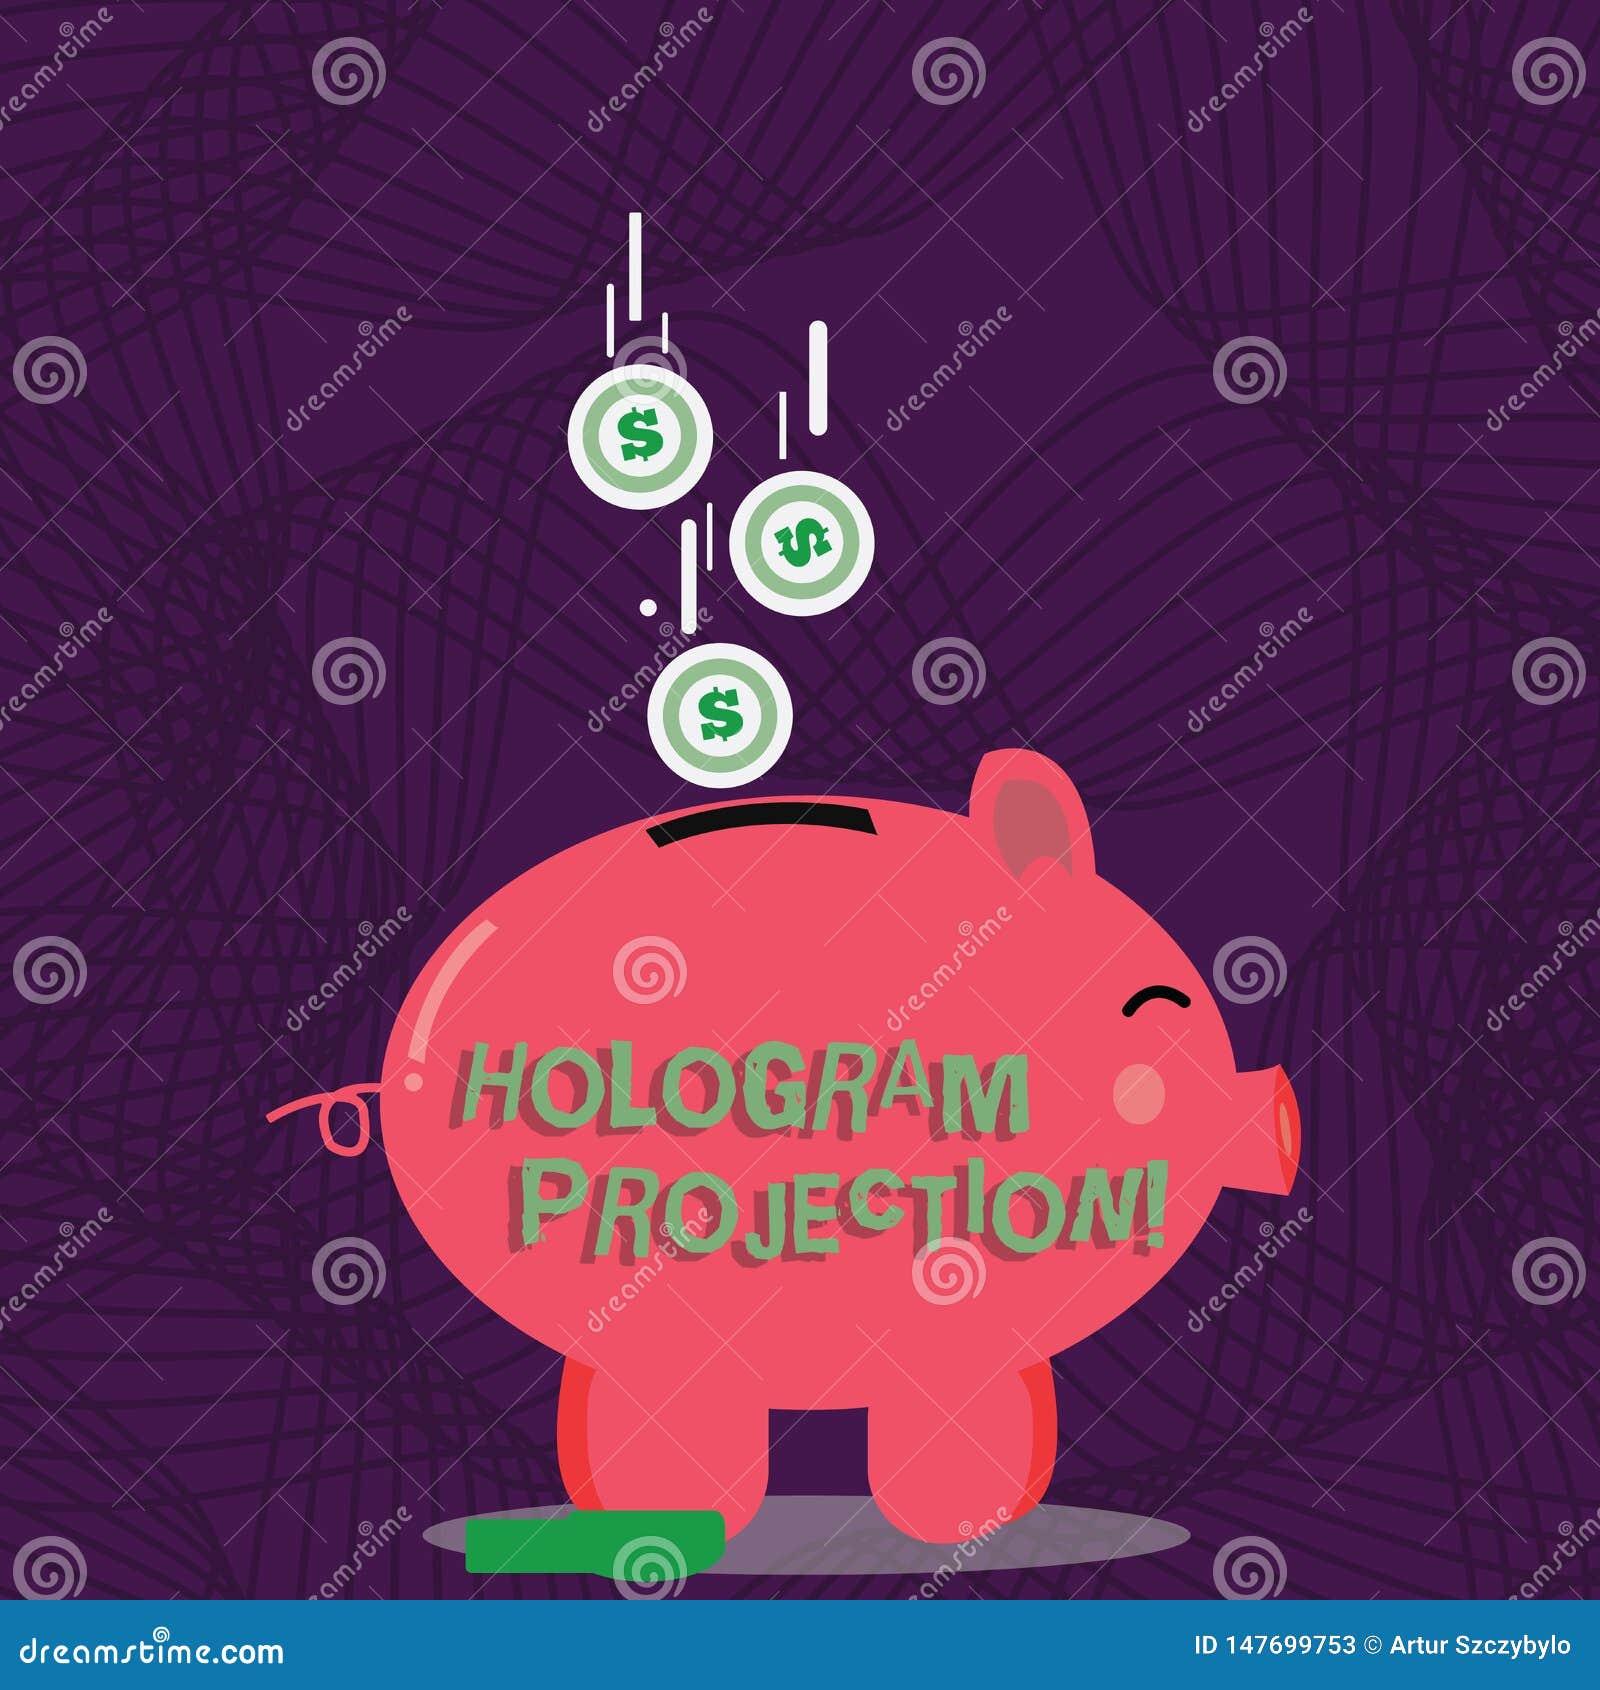 Teksta holograma szyldowa pokazuje projekcja Konceptualnej fotografii fotograficzna projekcja nagranie lekkiego koloru prosiątko